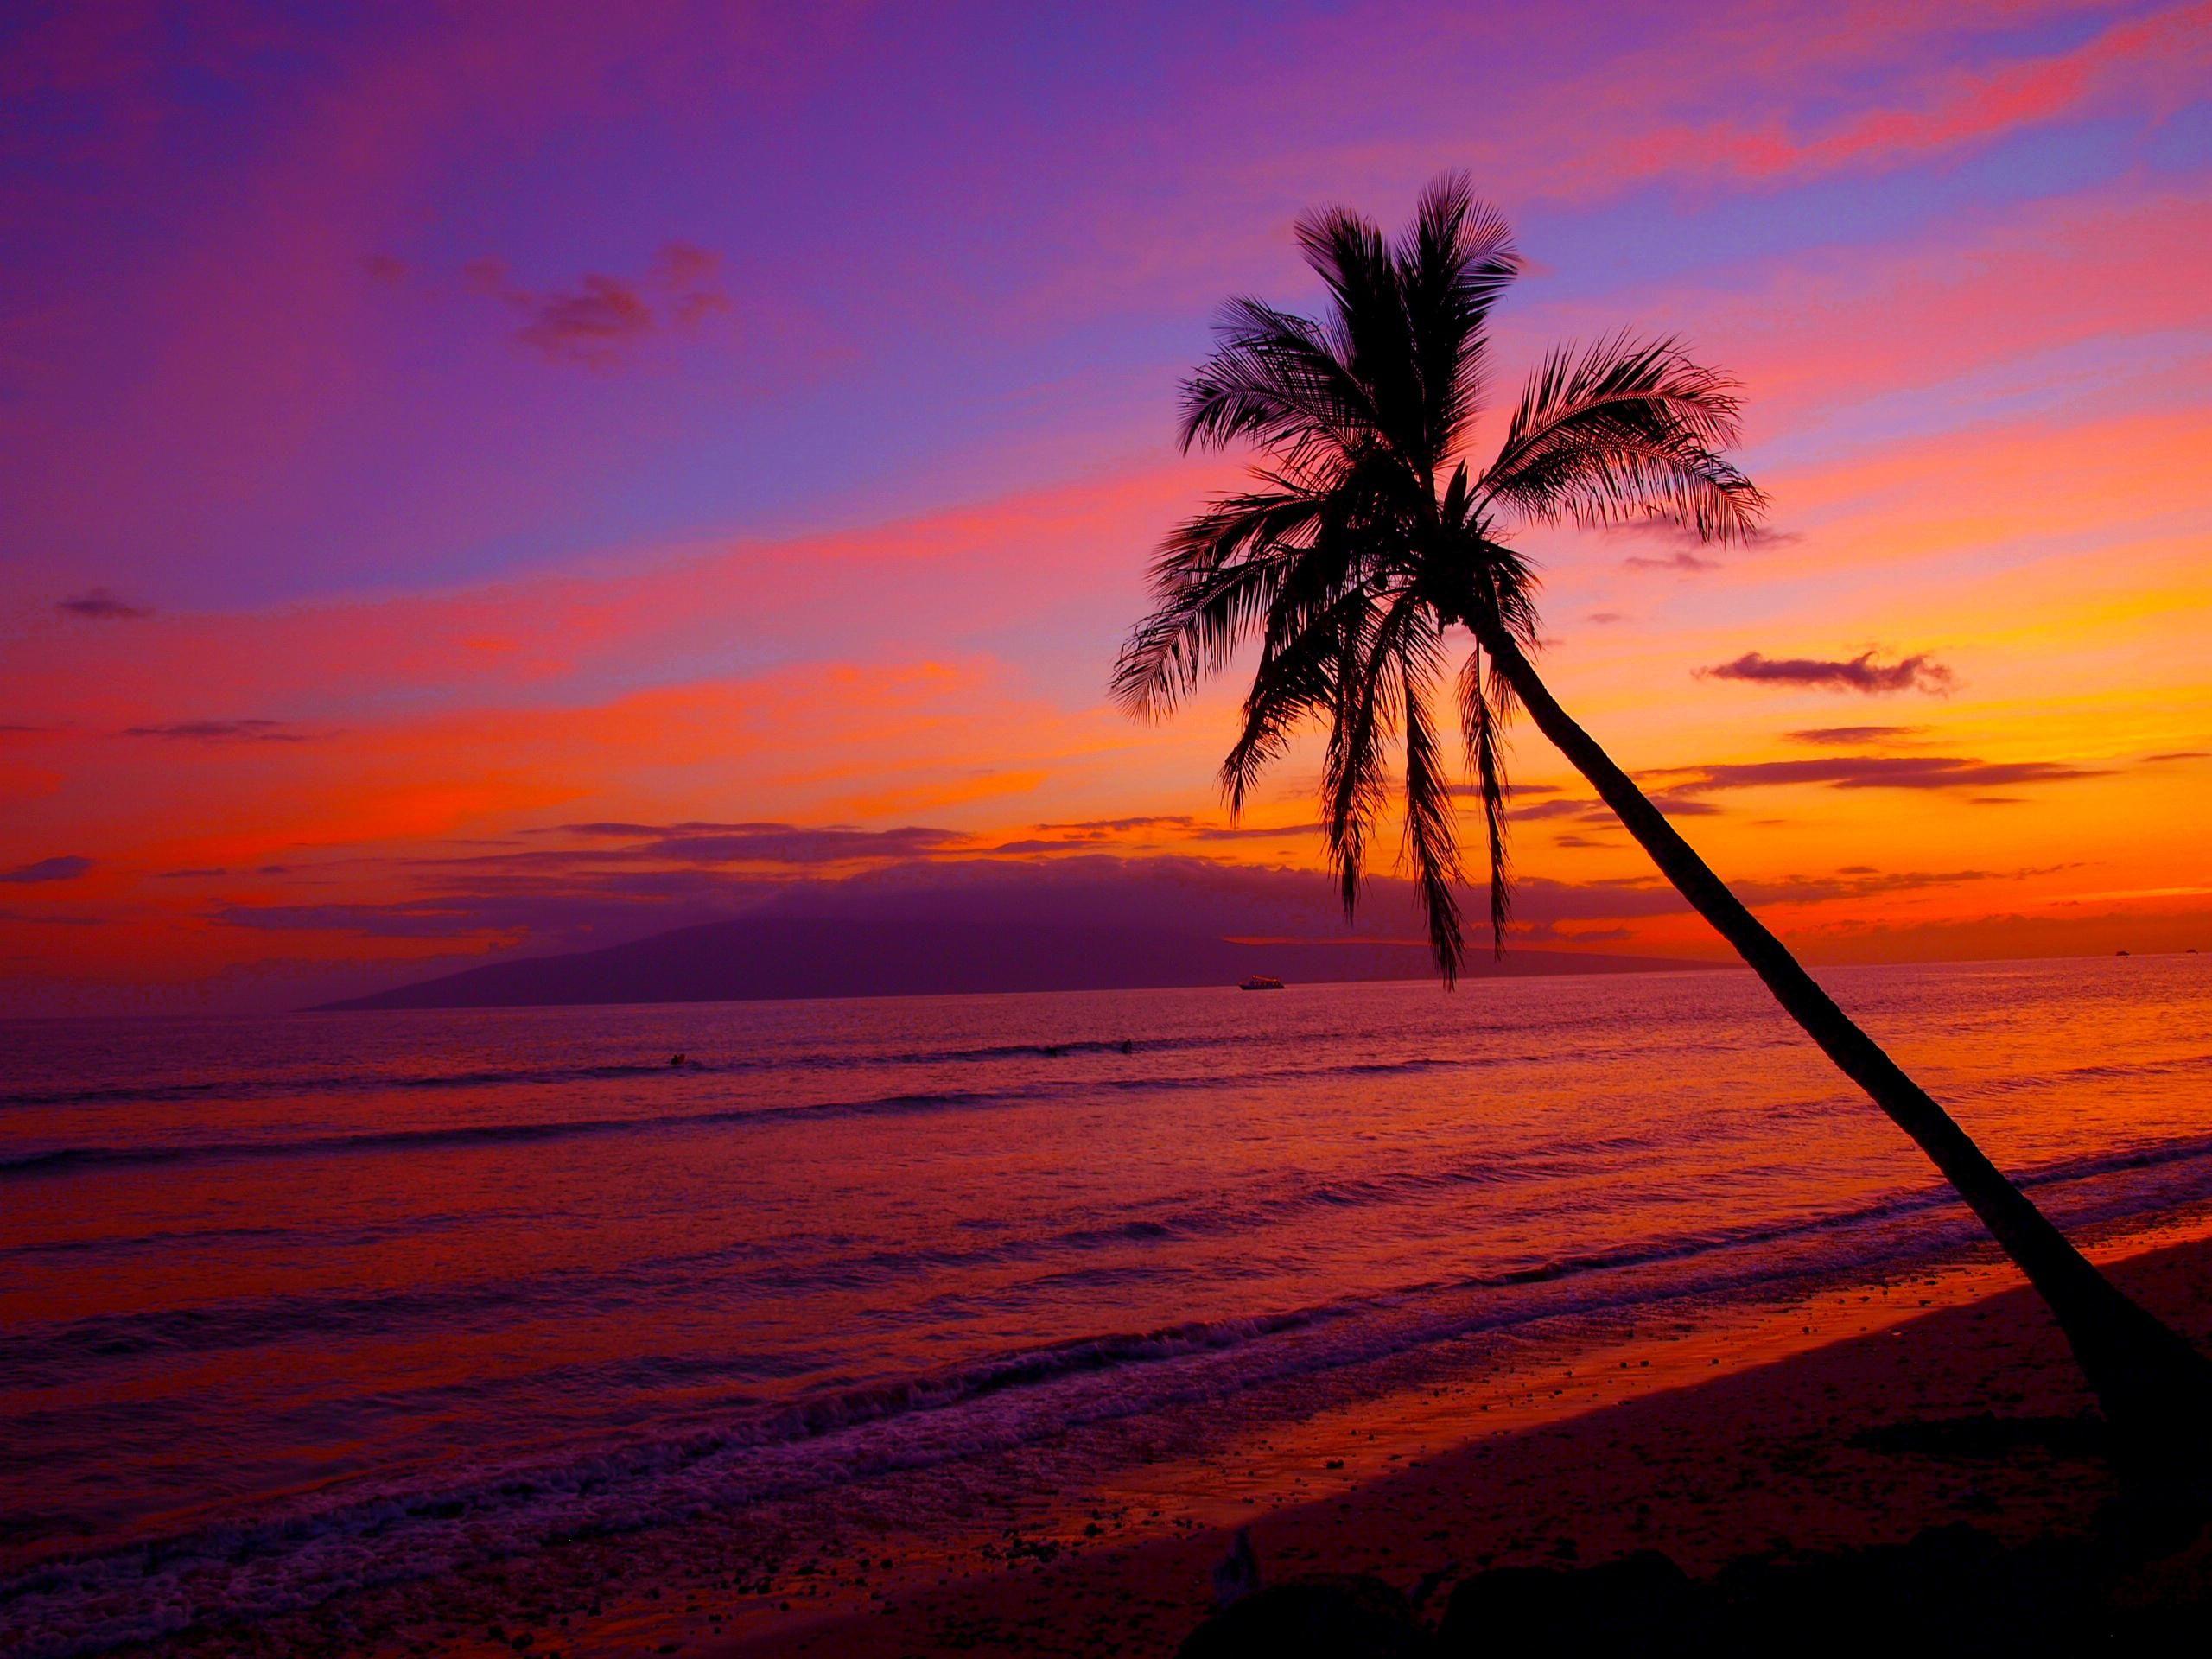 Hawaii Sunset Wallpaper Desktop Sunset beach hawaii